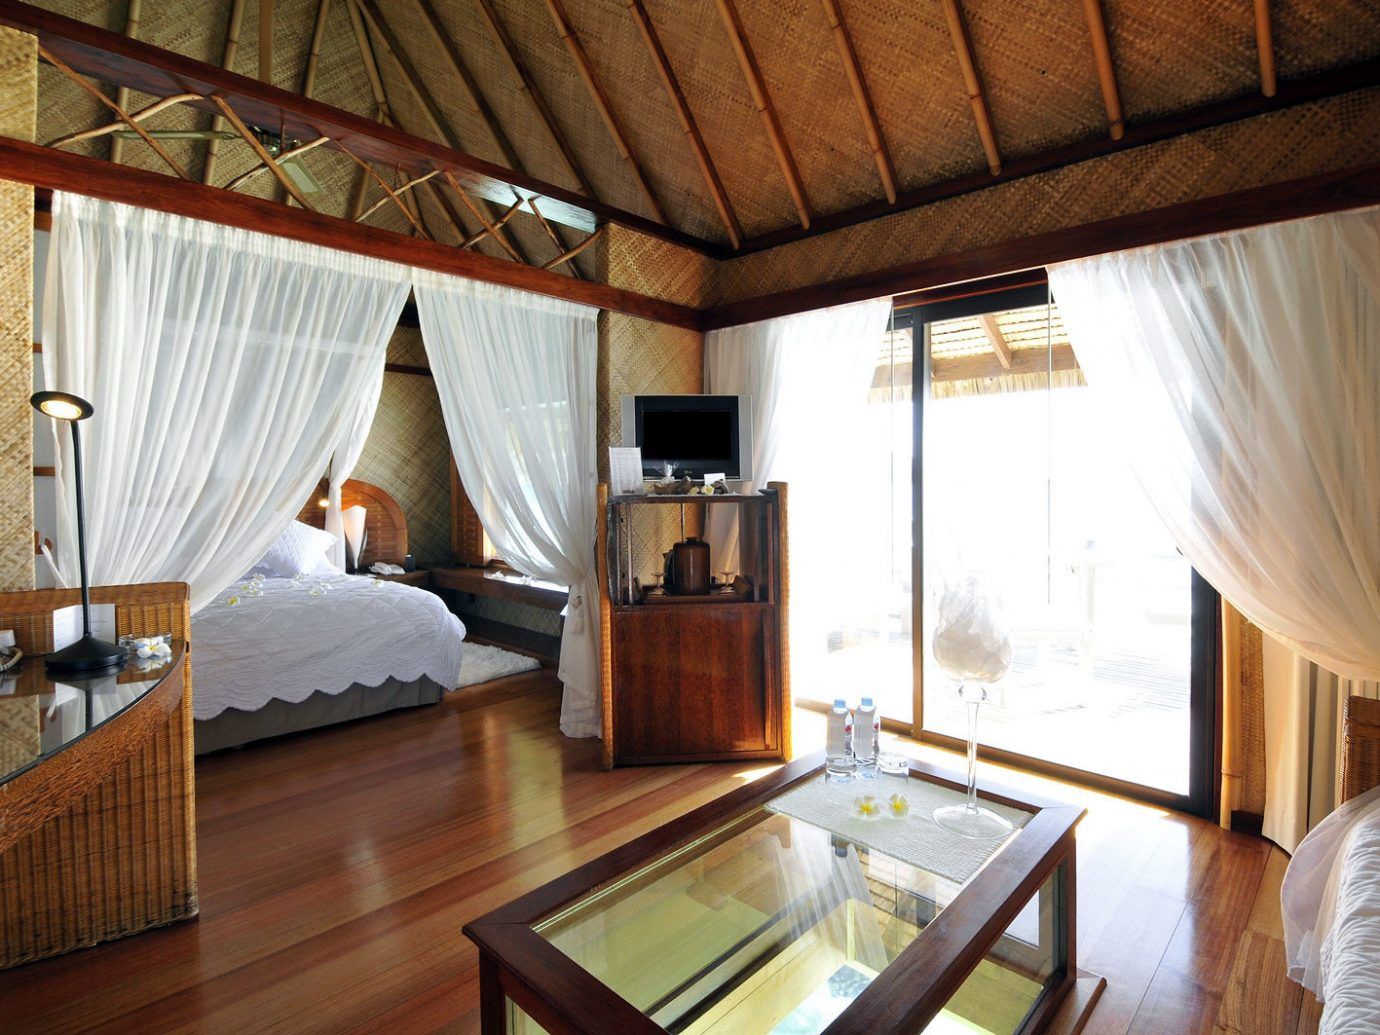 Bedroom Hotels Living Suite indoor floor room property ceiling estate cottage Resort Villa interior design real estate farmhouse furniture